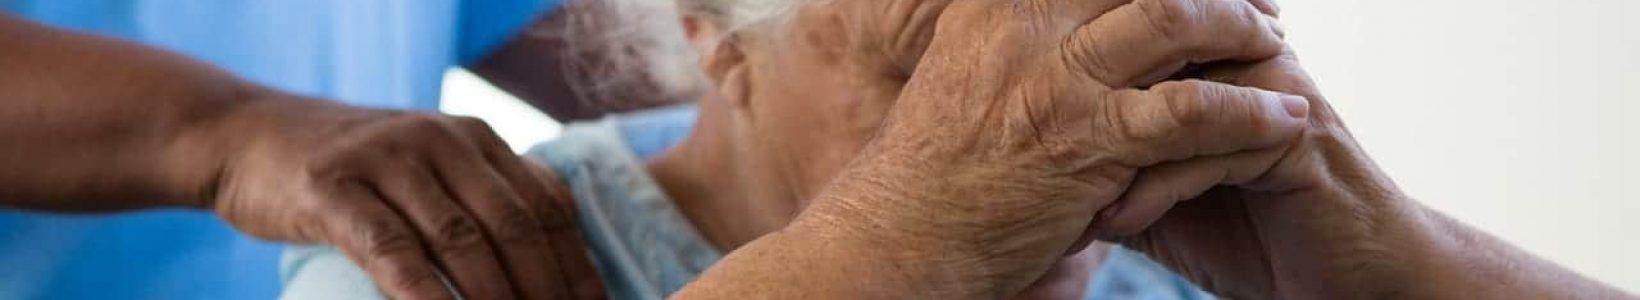 Nursing Home Patient Worries